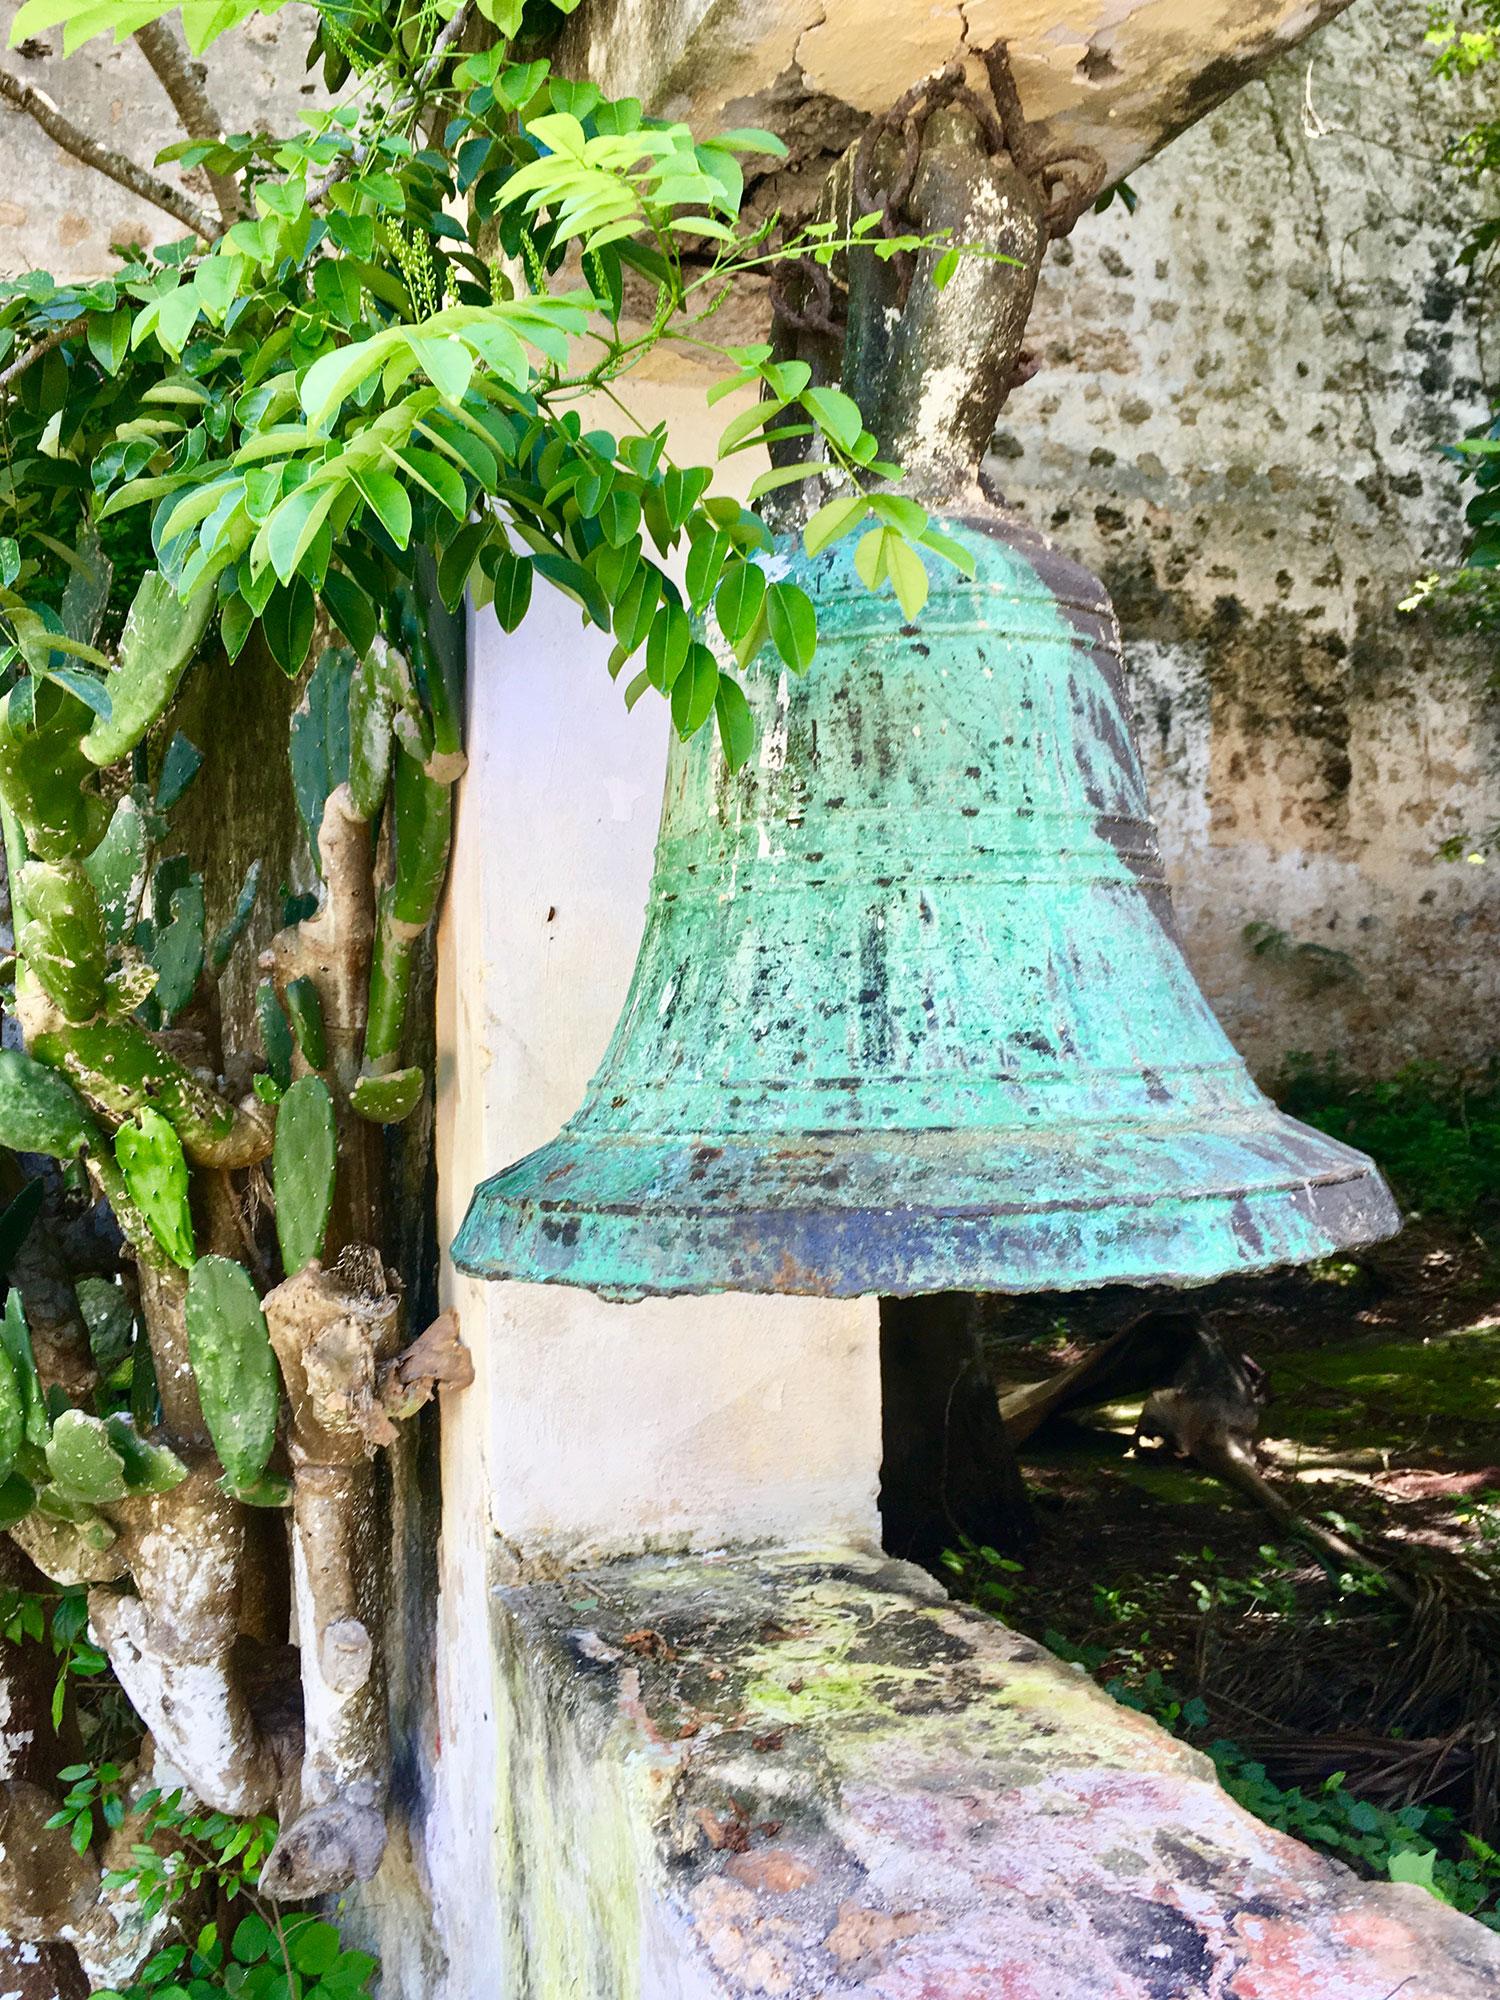 Hammocks_and_Ruins_What_to_Do_Mexico_Mayan_pyramid_town_church_Kikil_35.jpg